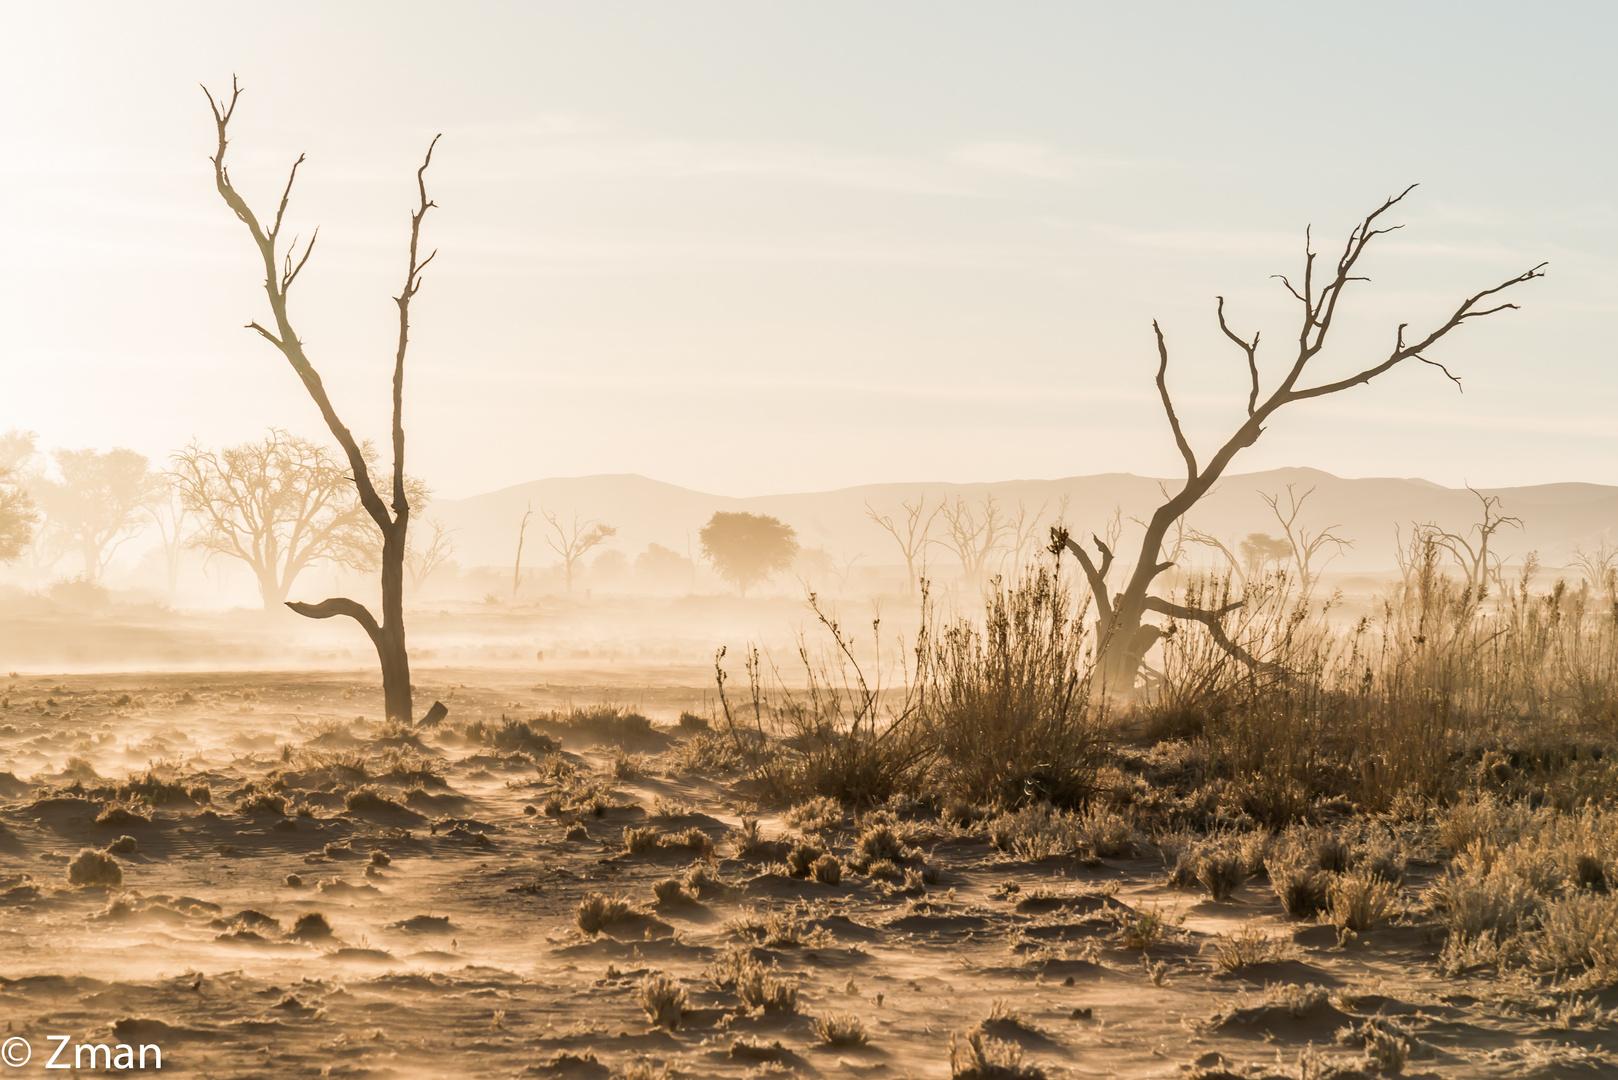 Namibia The Wild 19